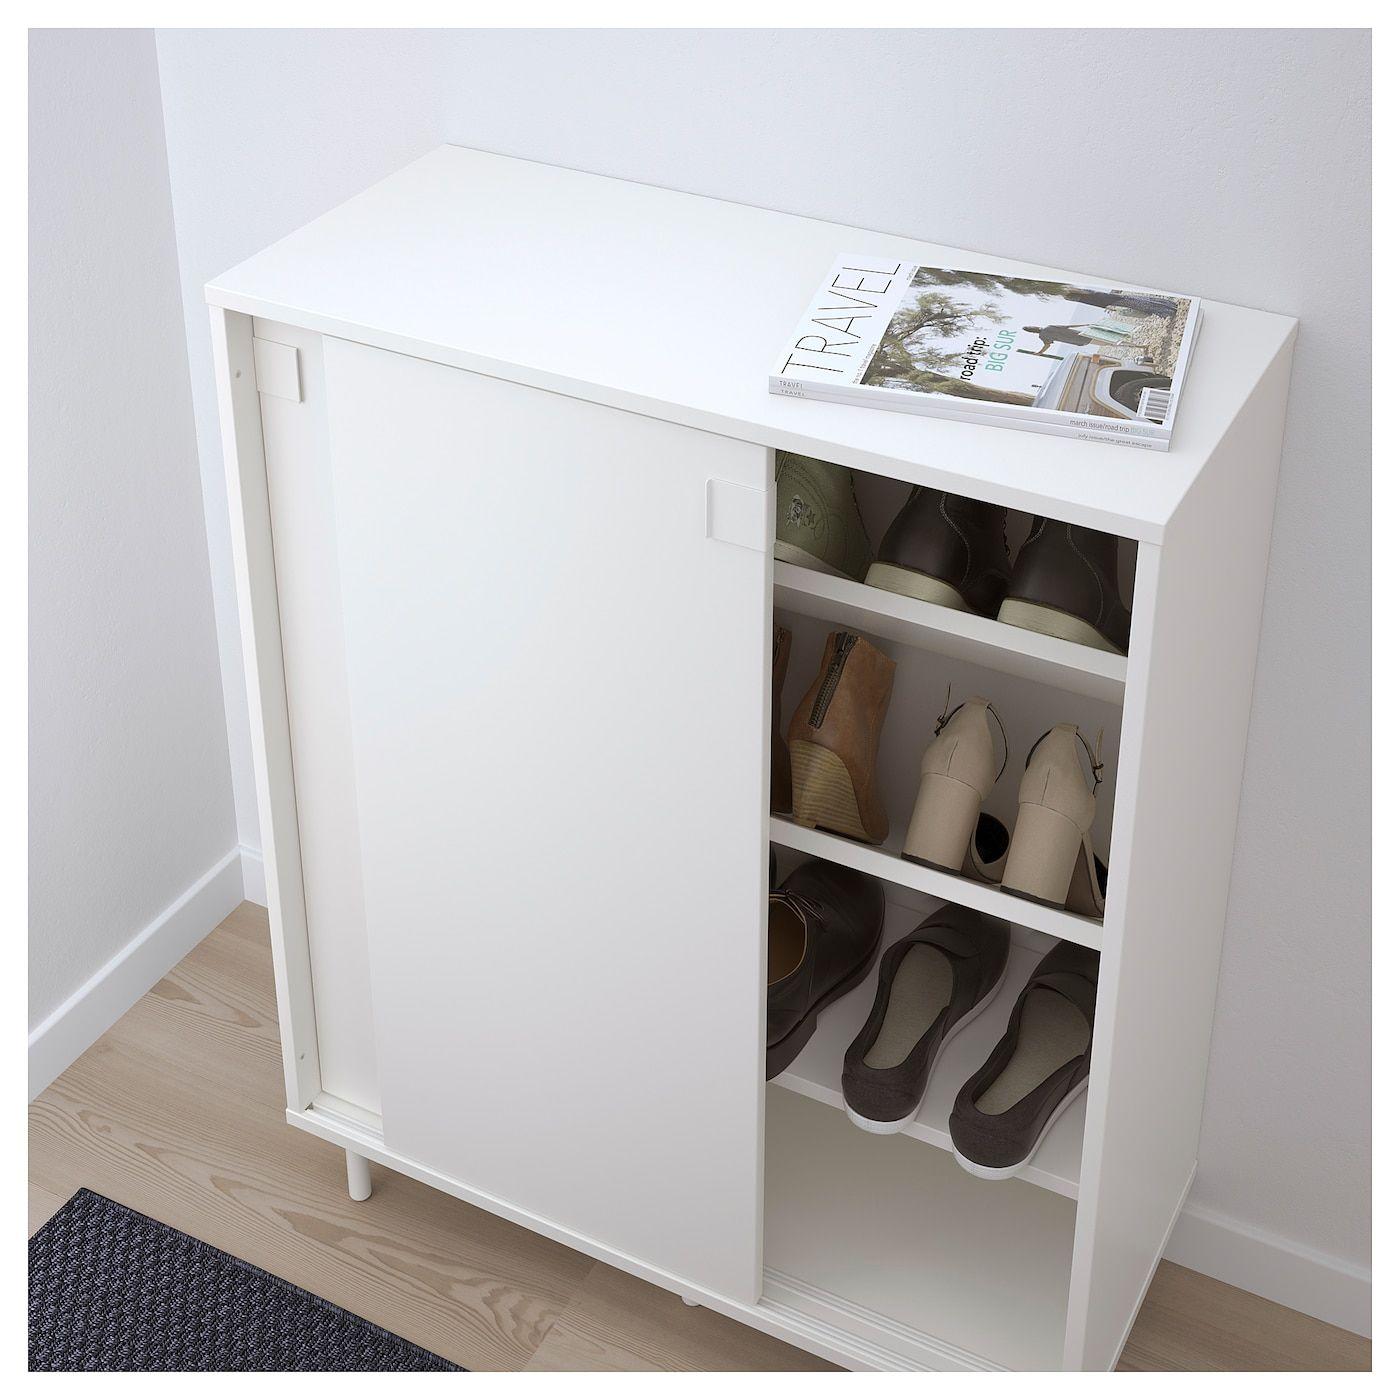 IKEA MACKAPÄR Shoe/storage in 2020 Shoe